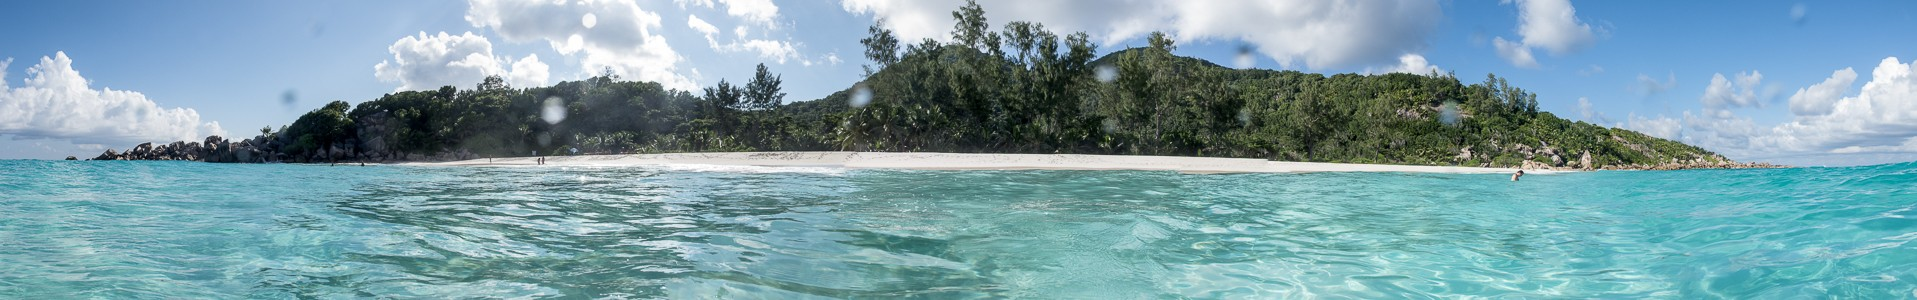 La Digue Indischer Ozean, Petit Anse